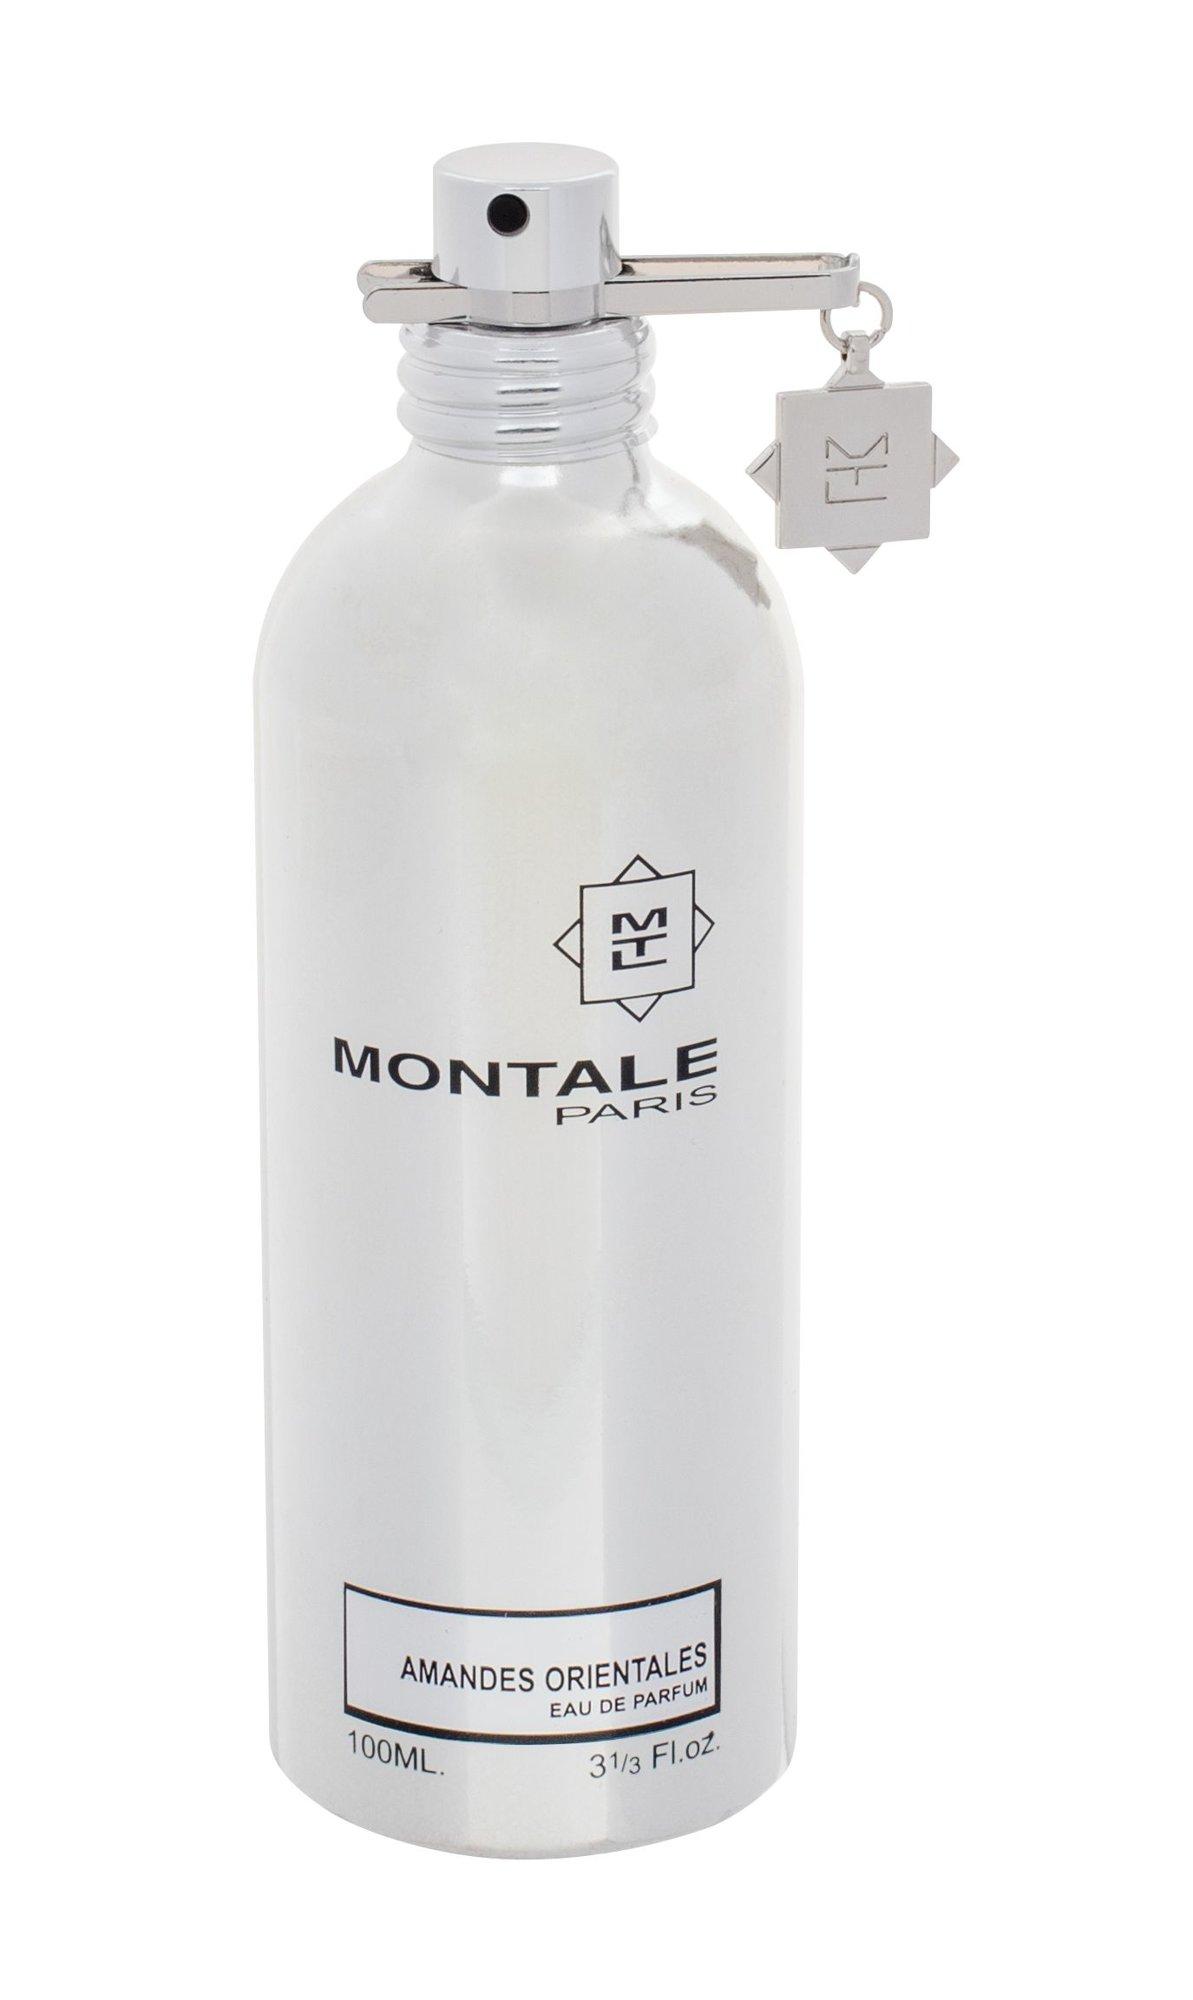 Montale Paris Amandes Orientales EDP 100ml